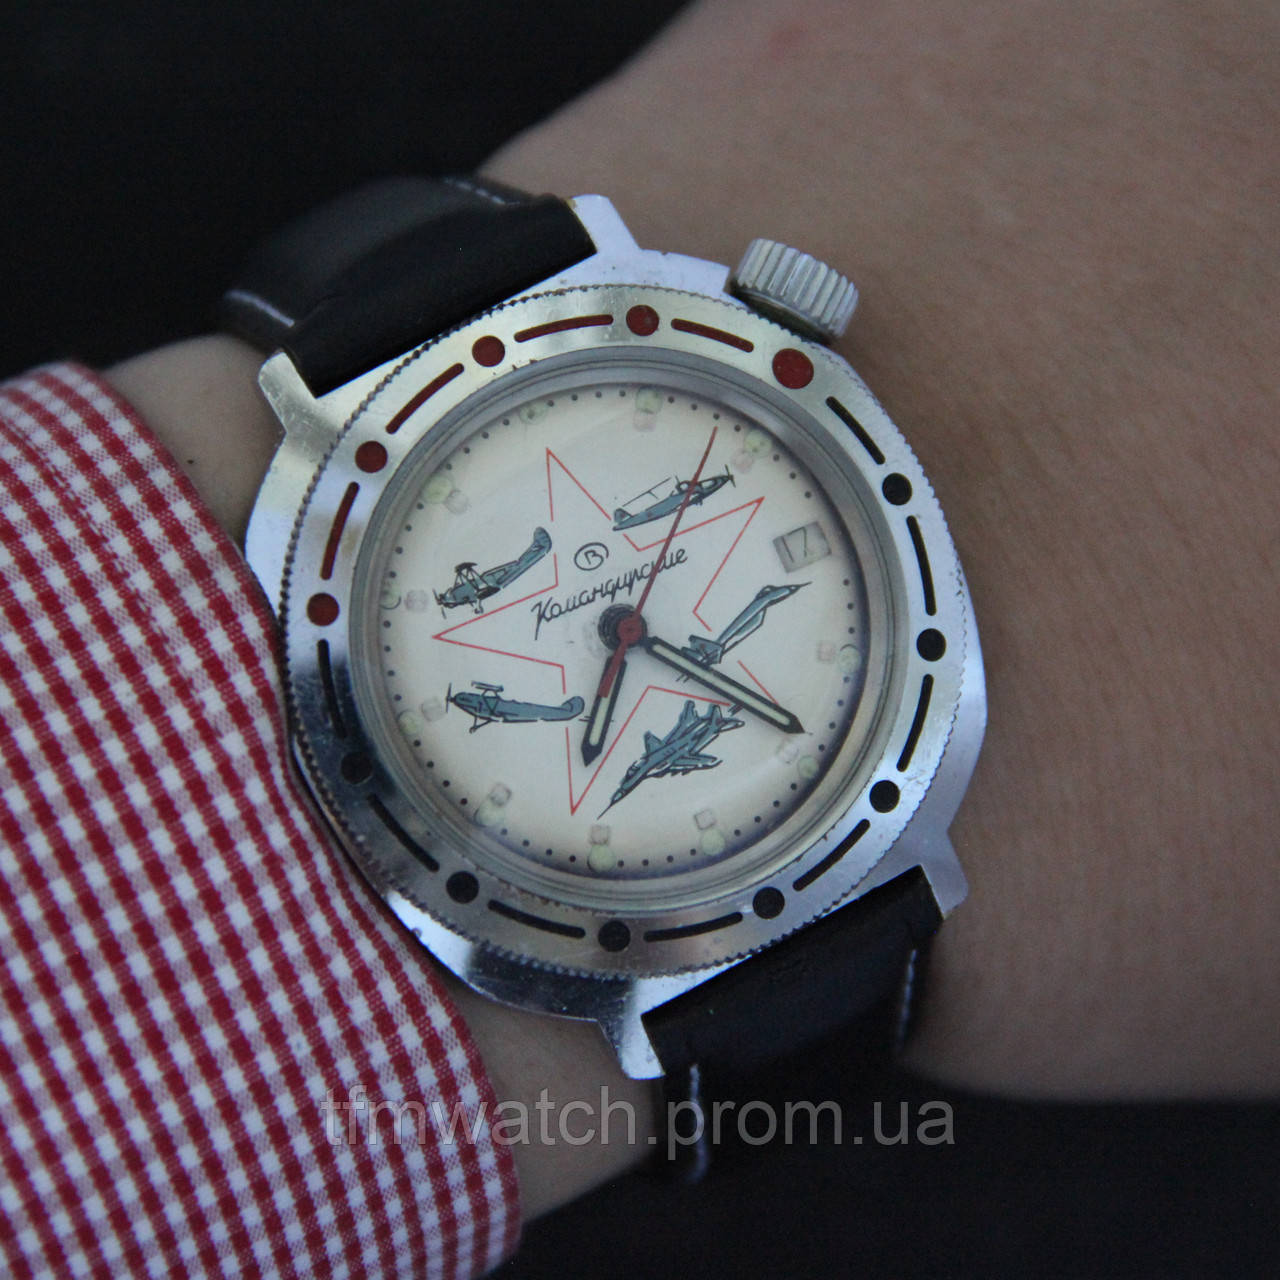 Авиационные продать часы цена воронеж ломбарды часов